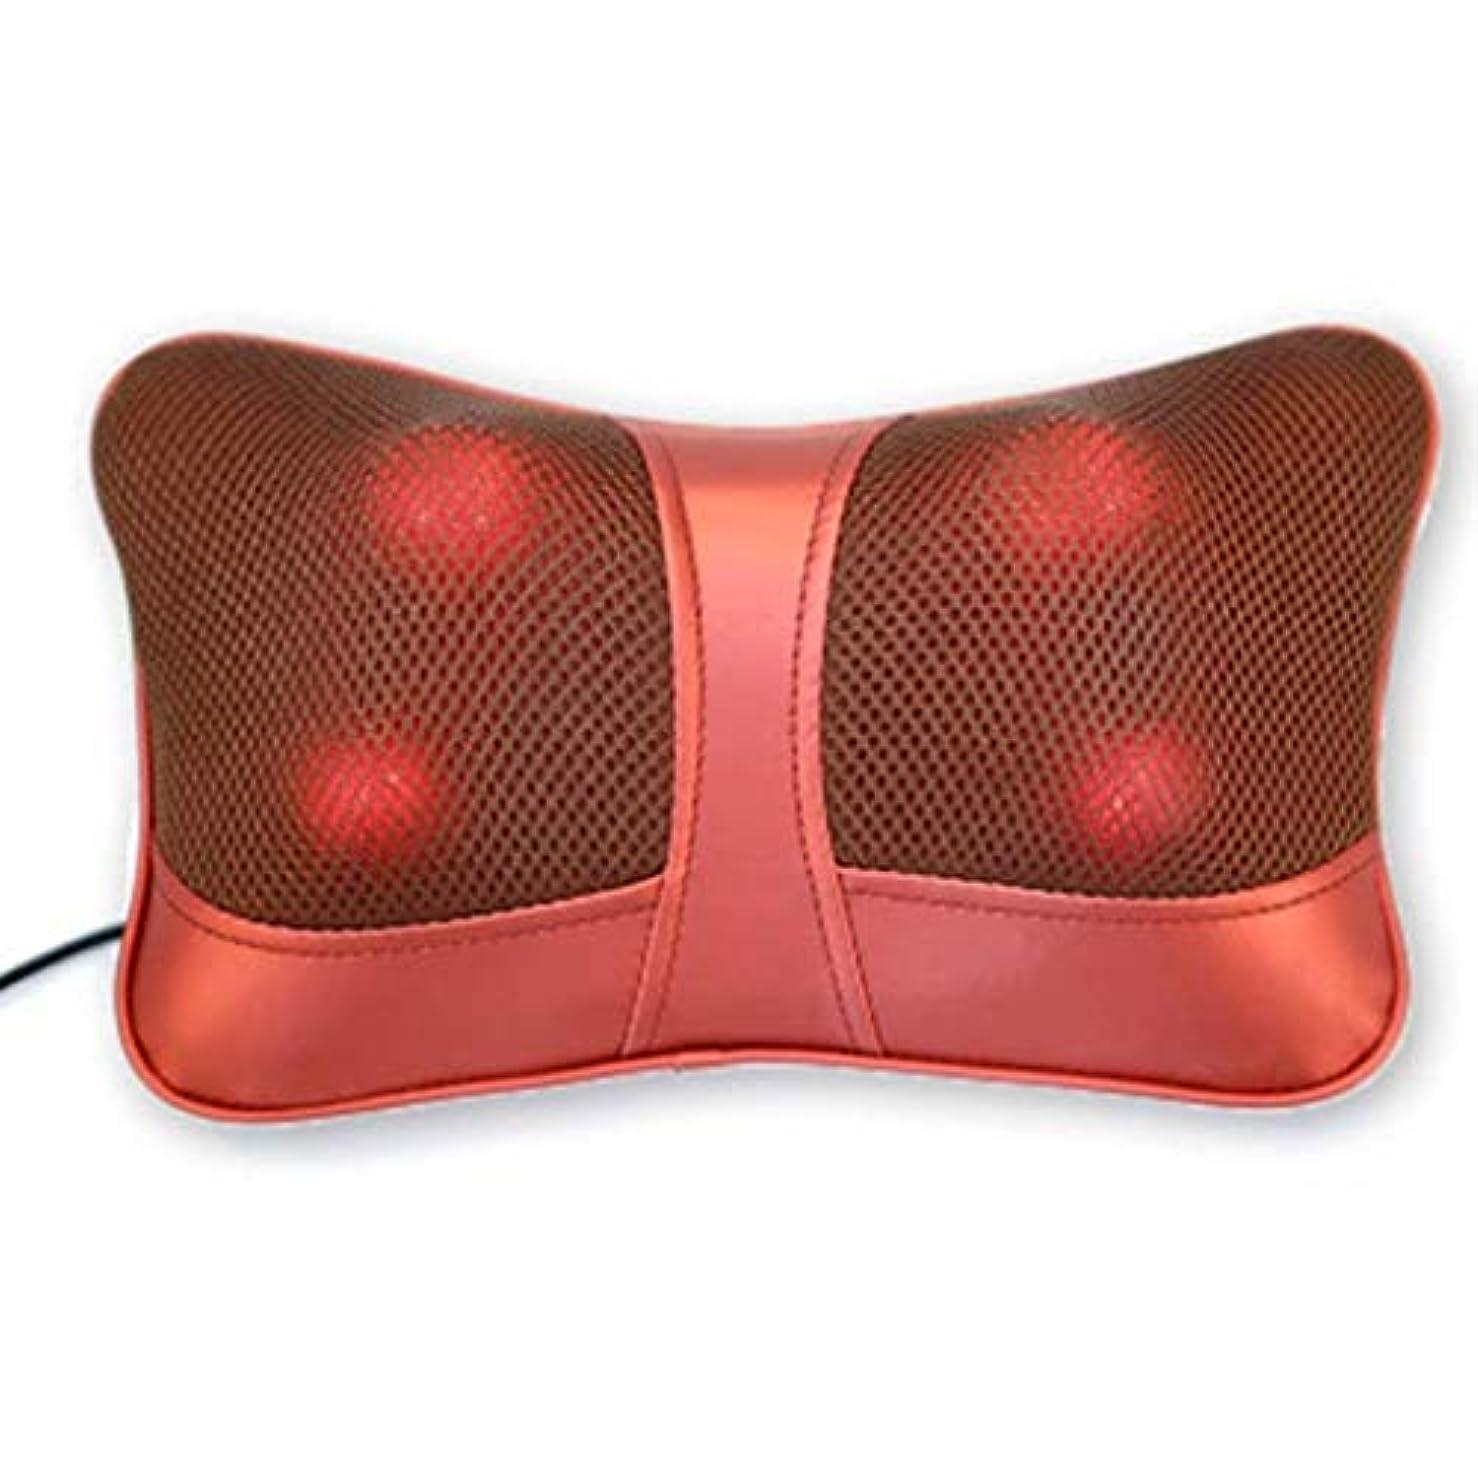 悲しいことに請求鈍いマッサージ枕、指圧首マッサージャー、3Dスクワットマッサージ枕、熱処理と暖かいハンドバッグ、首、肩と背中の疲れを和らげるのに適した